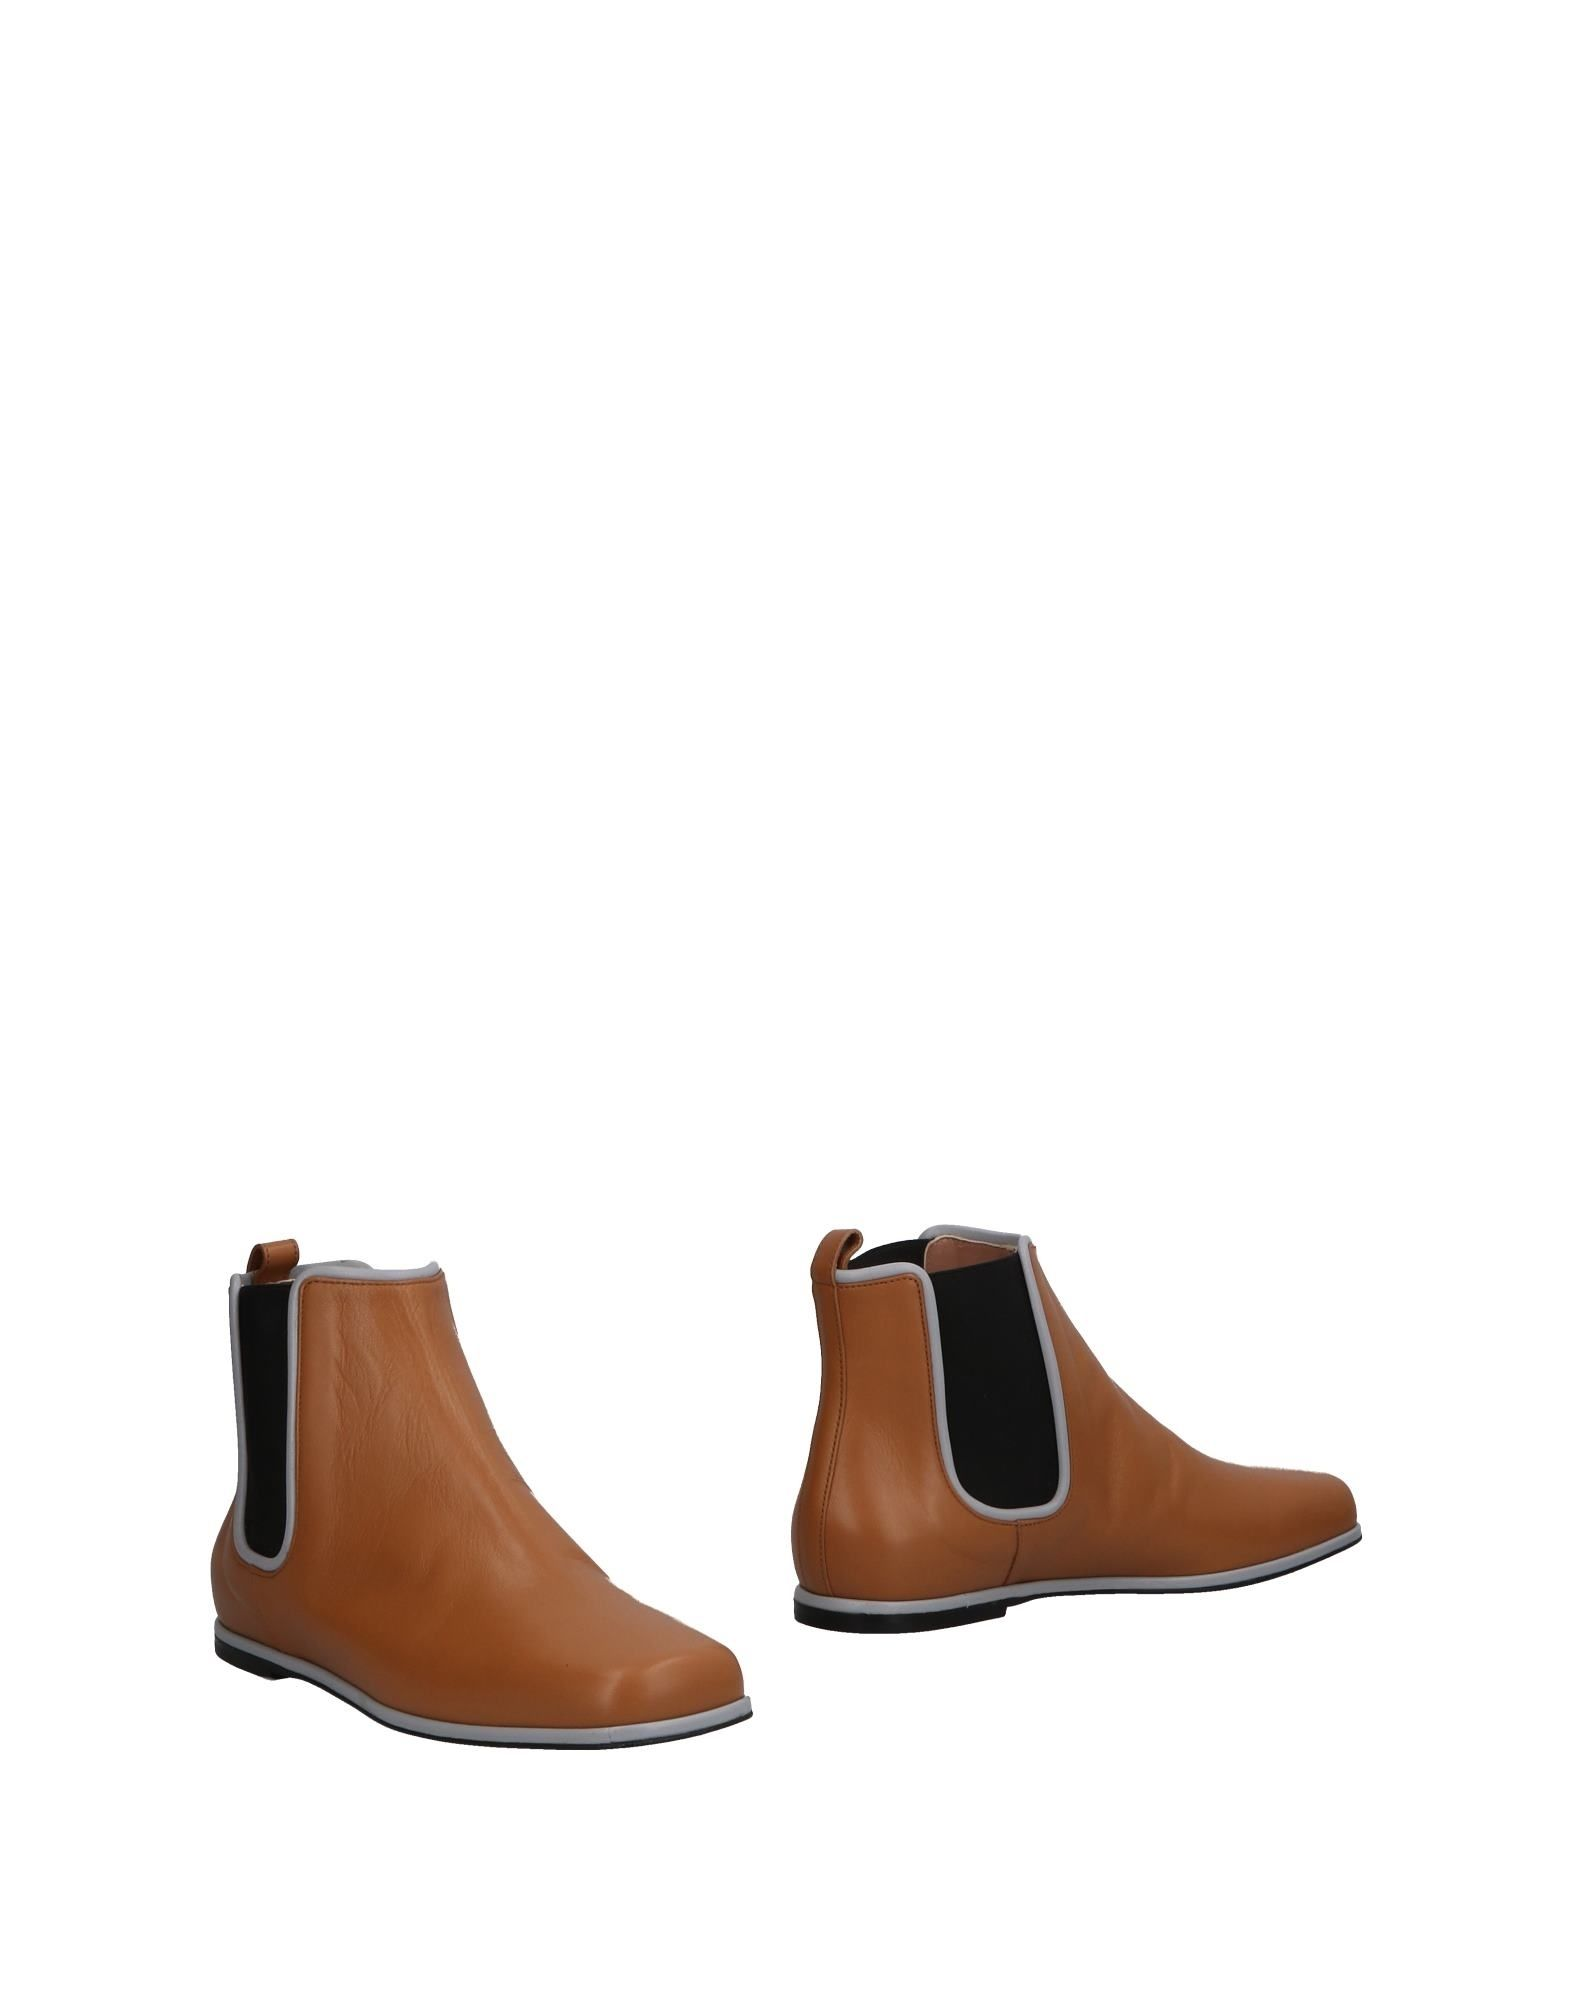 Marni  Stiefelette Damen  Marni 11503380QMGünstige gut aussehende Schuhe 0463fd